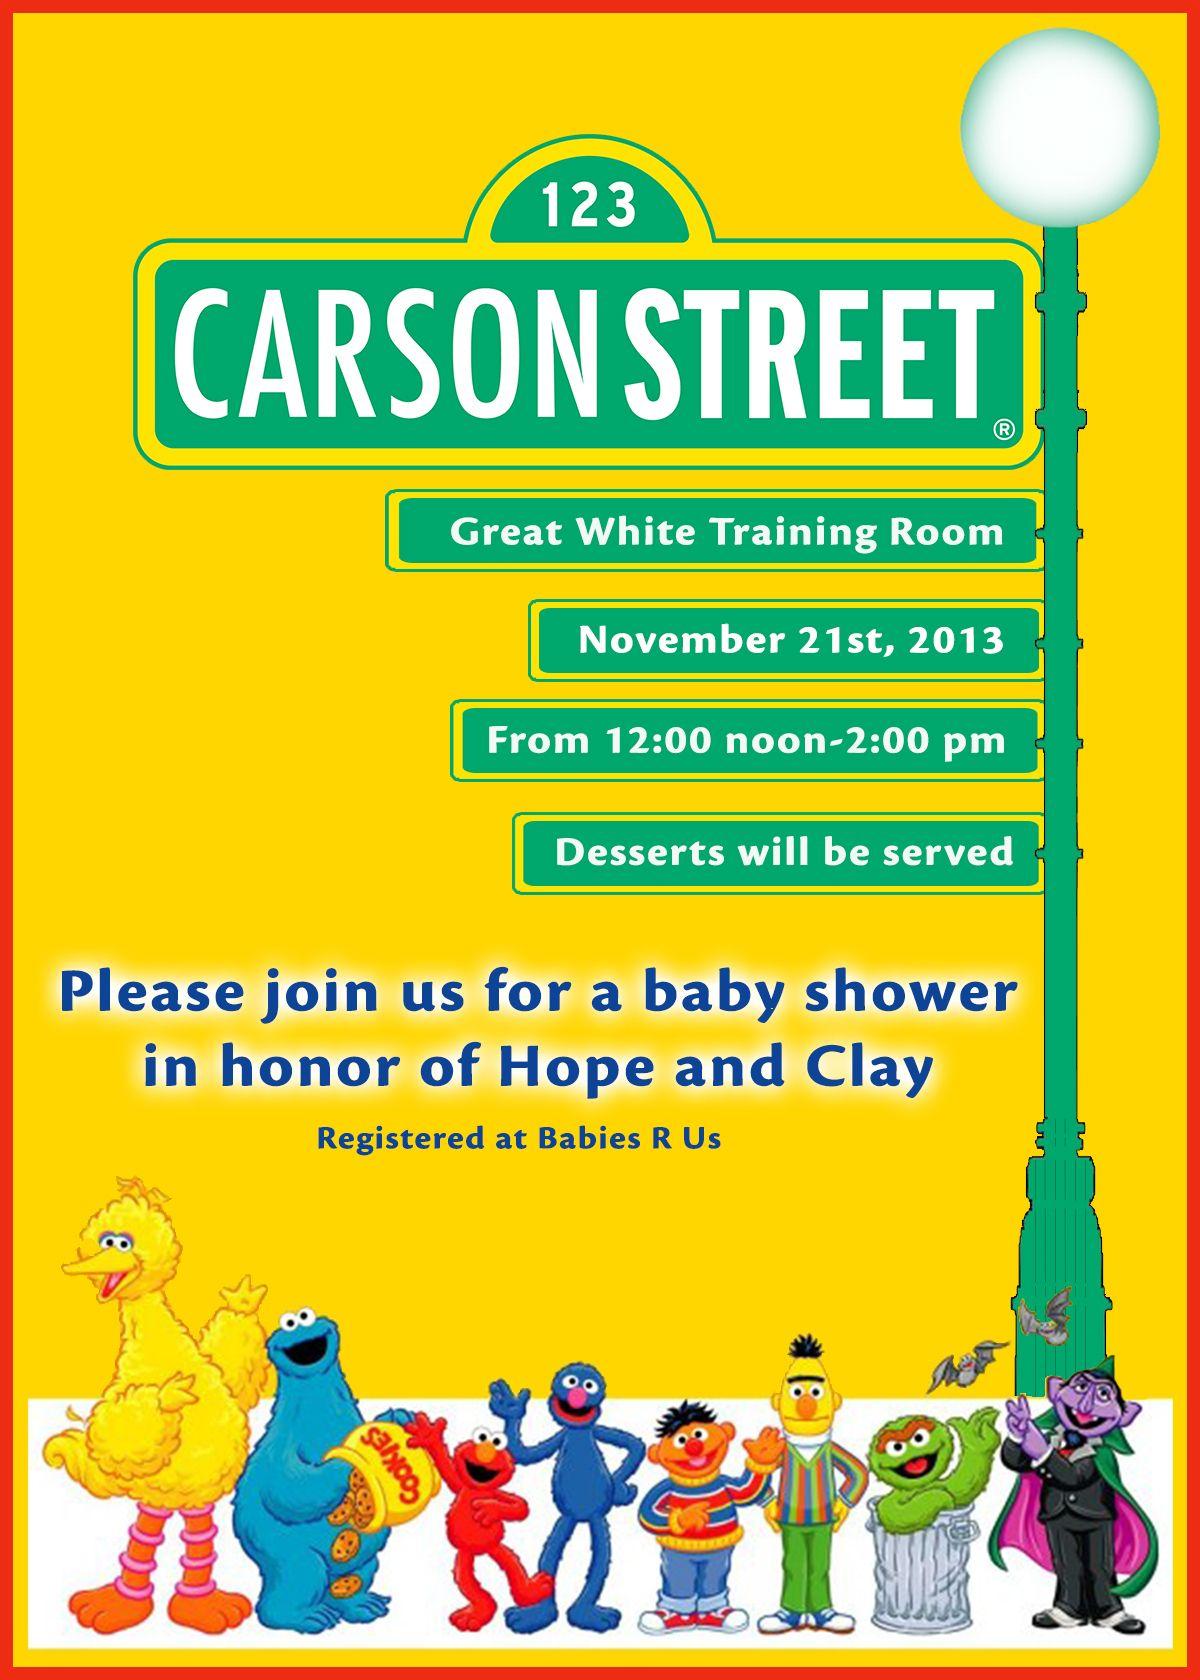 Sesame Street Baby Shower | Event Planning | Pinterest | Sesame ...